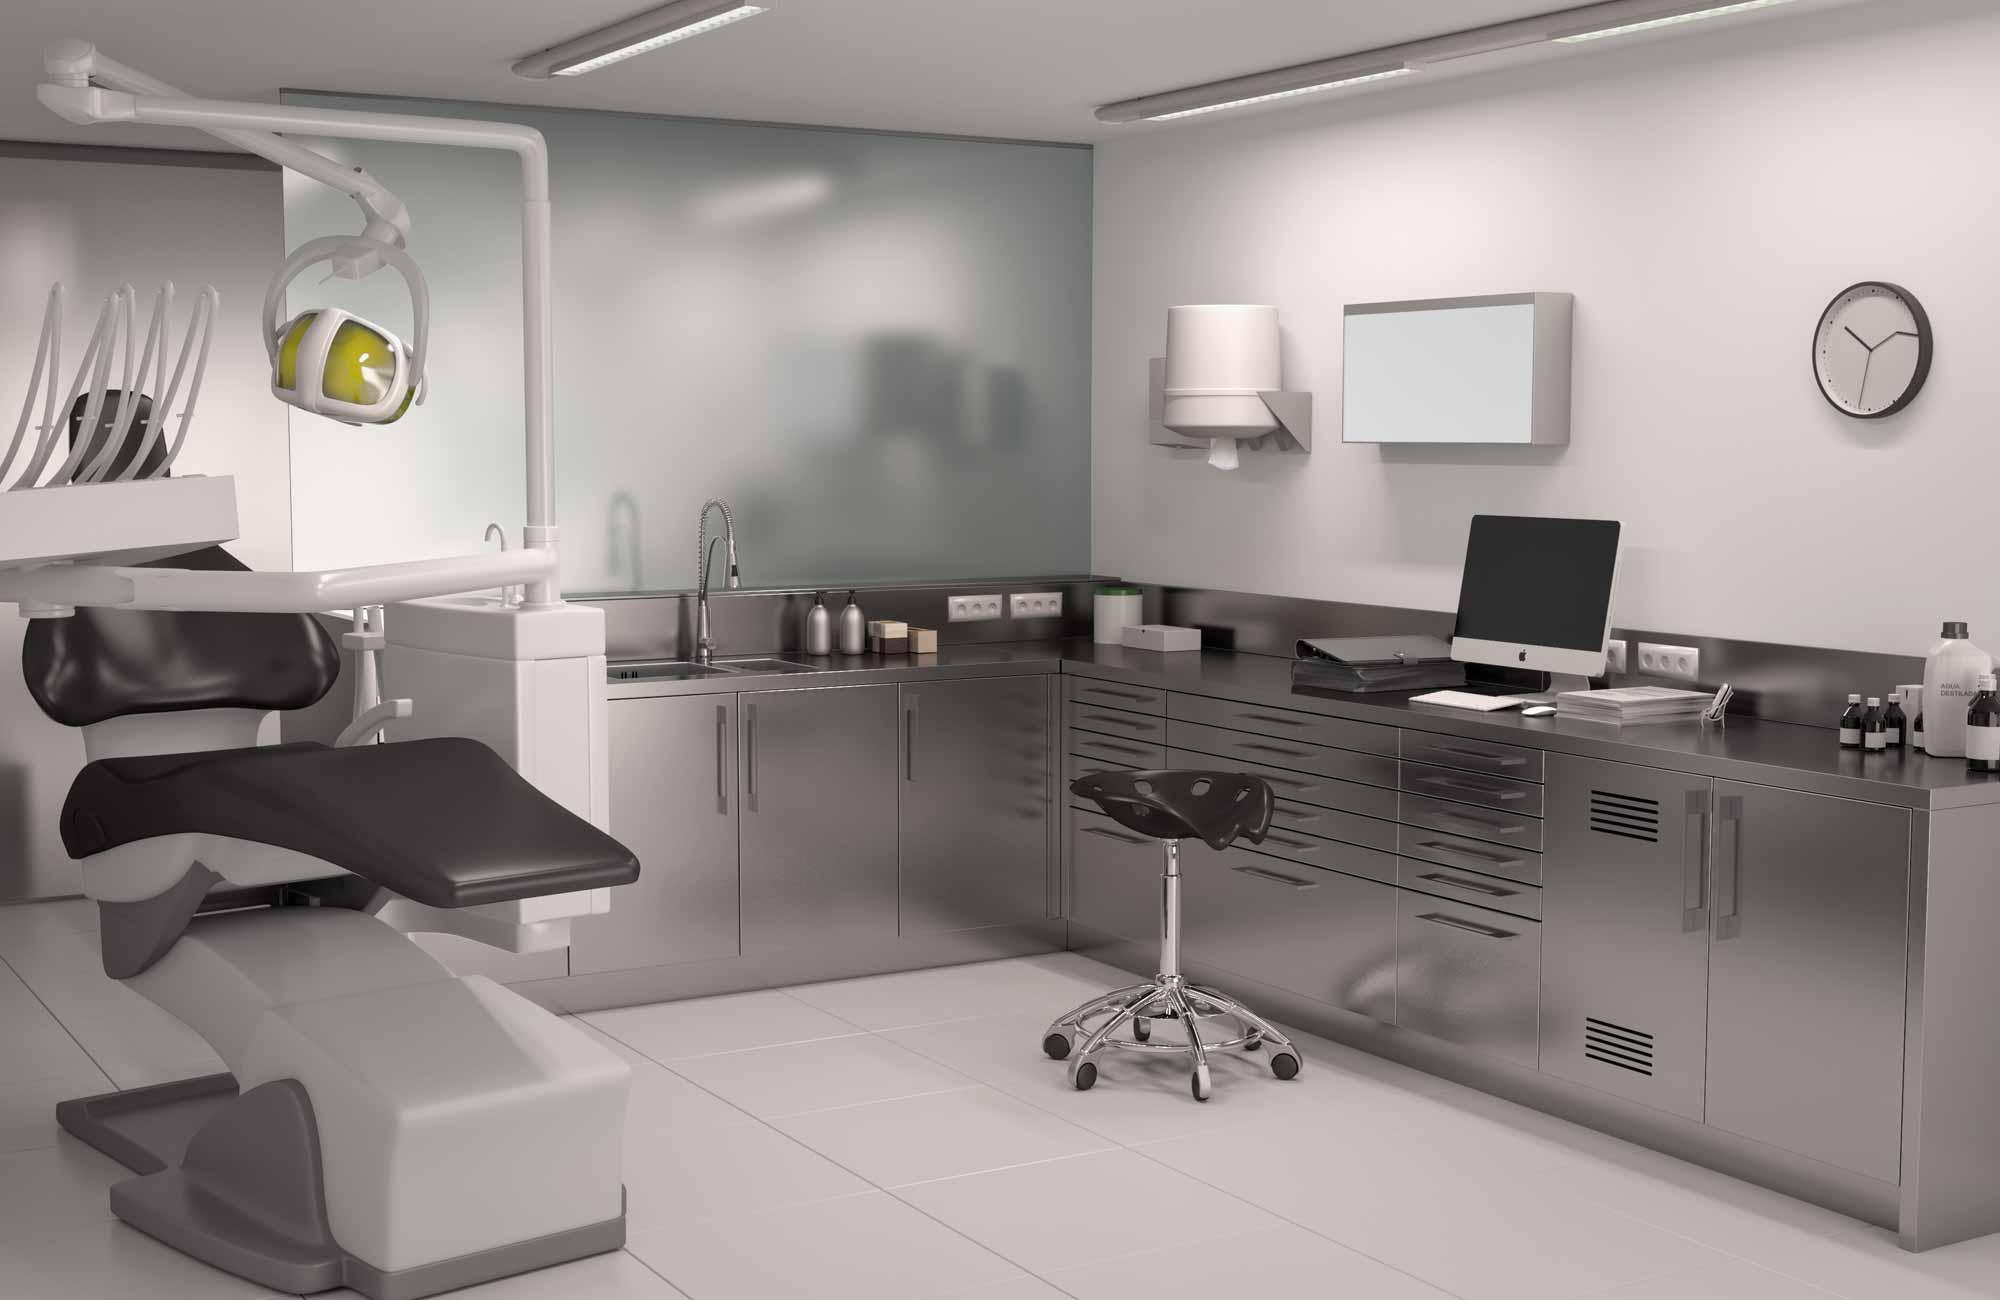 Bautek health, profesionalidad clínicas y farmacéuticas. Frecan